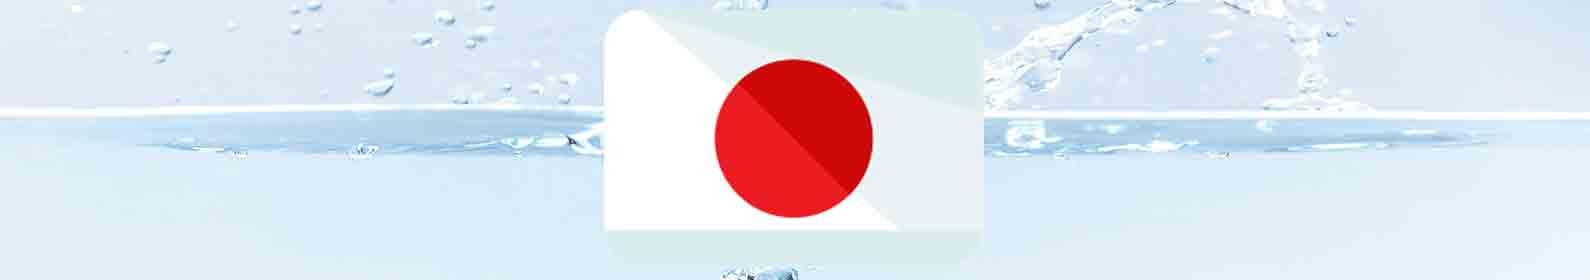 tratamento-de-agua-japao.jpg